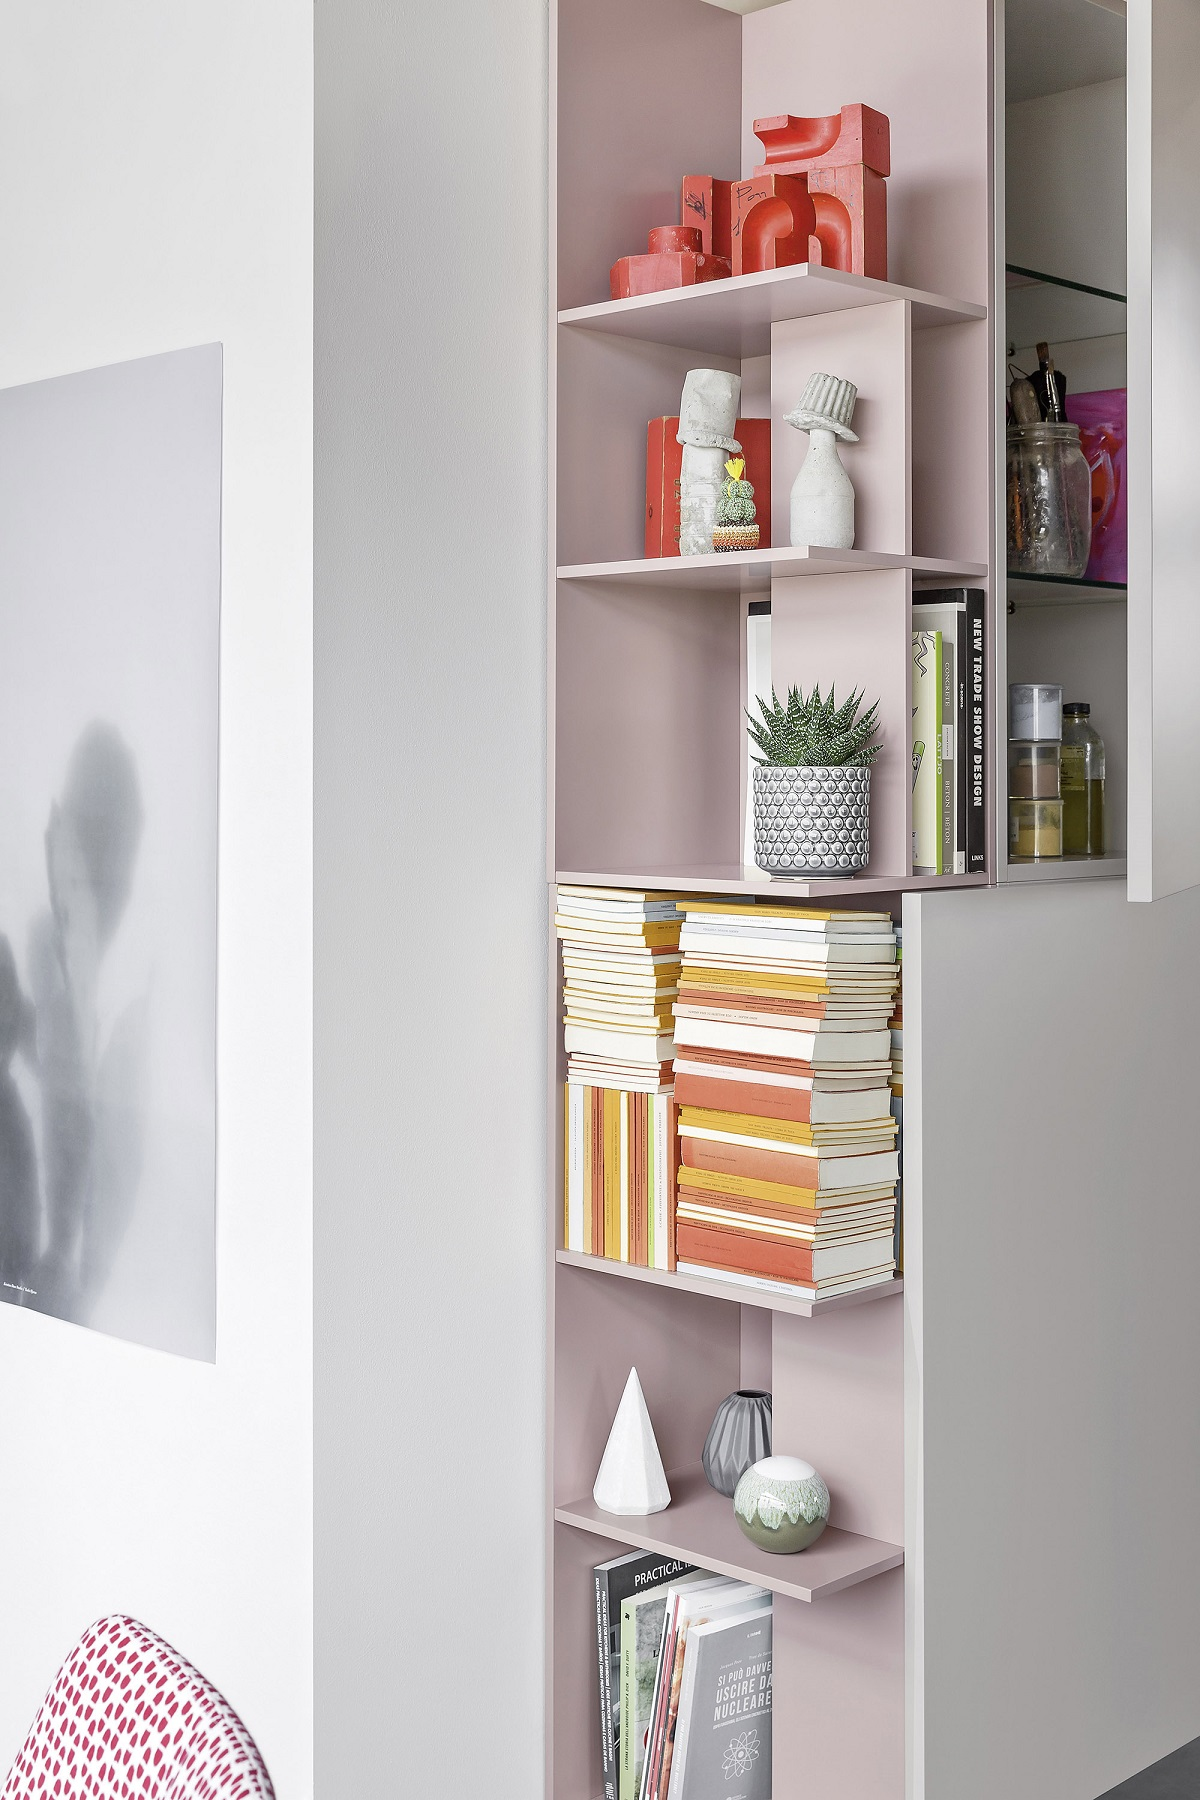 meubles composables box 18 novamobili chez vestibule paris. Black Bedroom Furniture Sets. Home Design Ideas